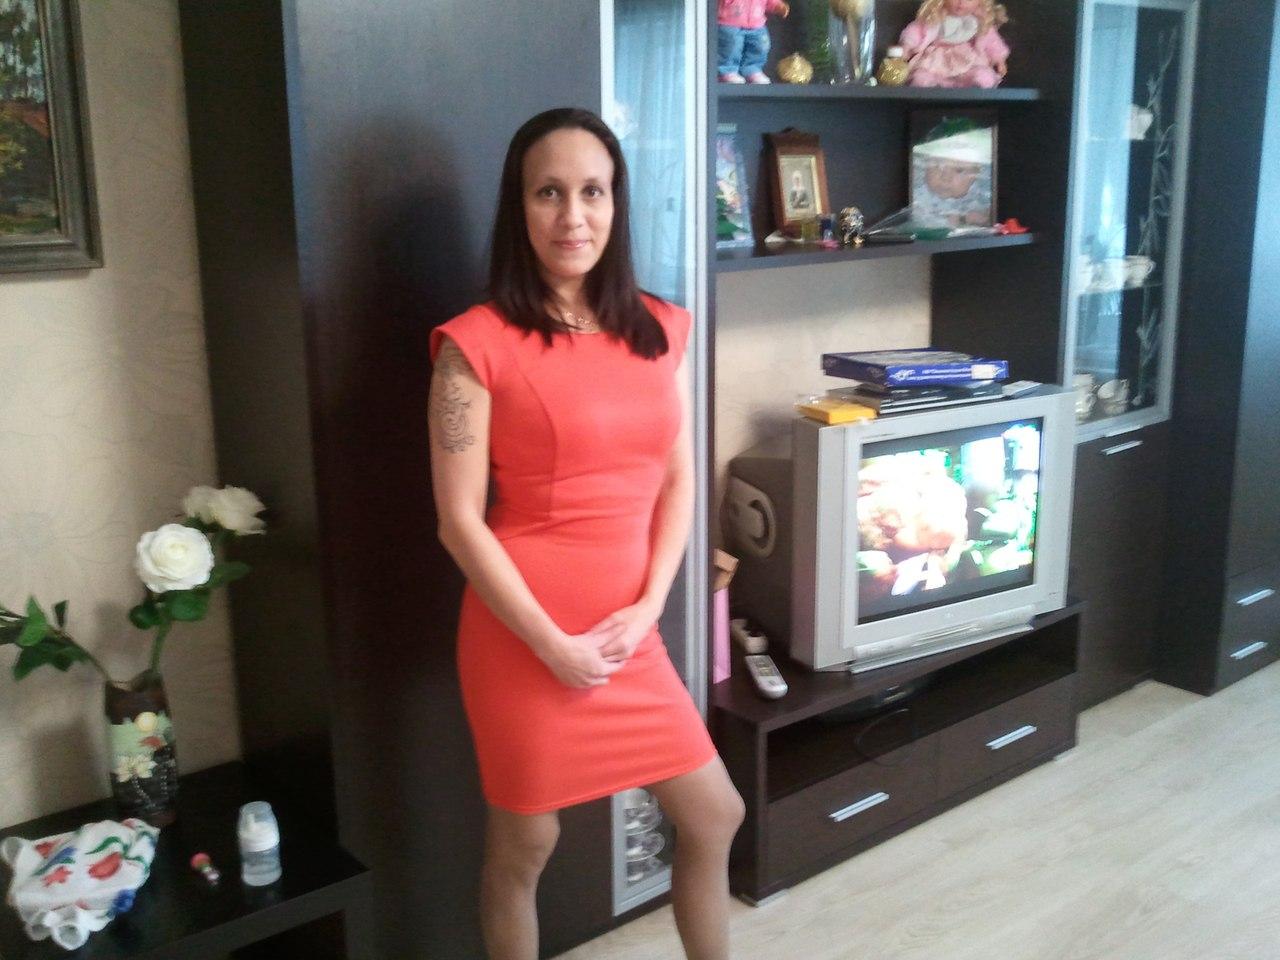 Хостес казино новосибирск оргонизация подпольных казино